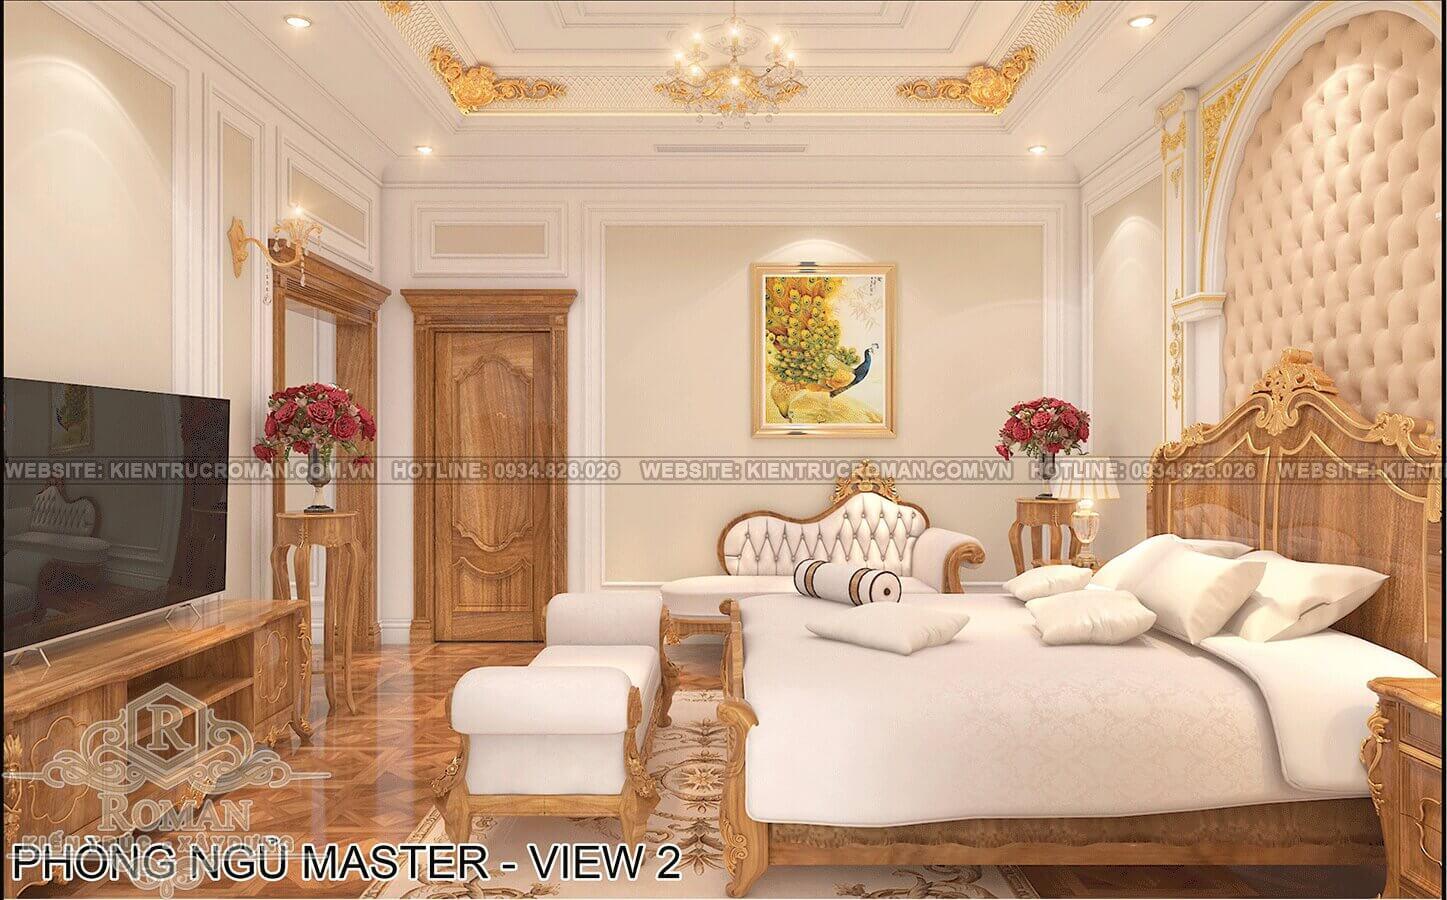 biệt thự phố mặt tiền 10m phòng ngủ master